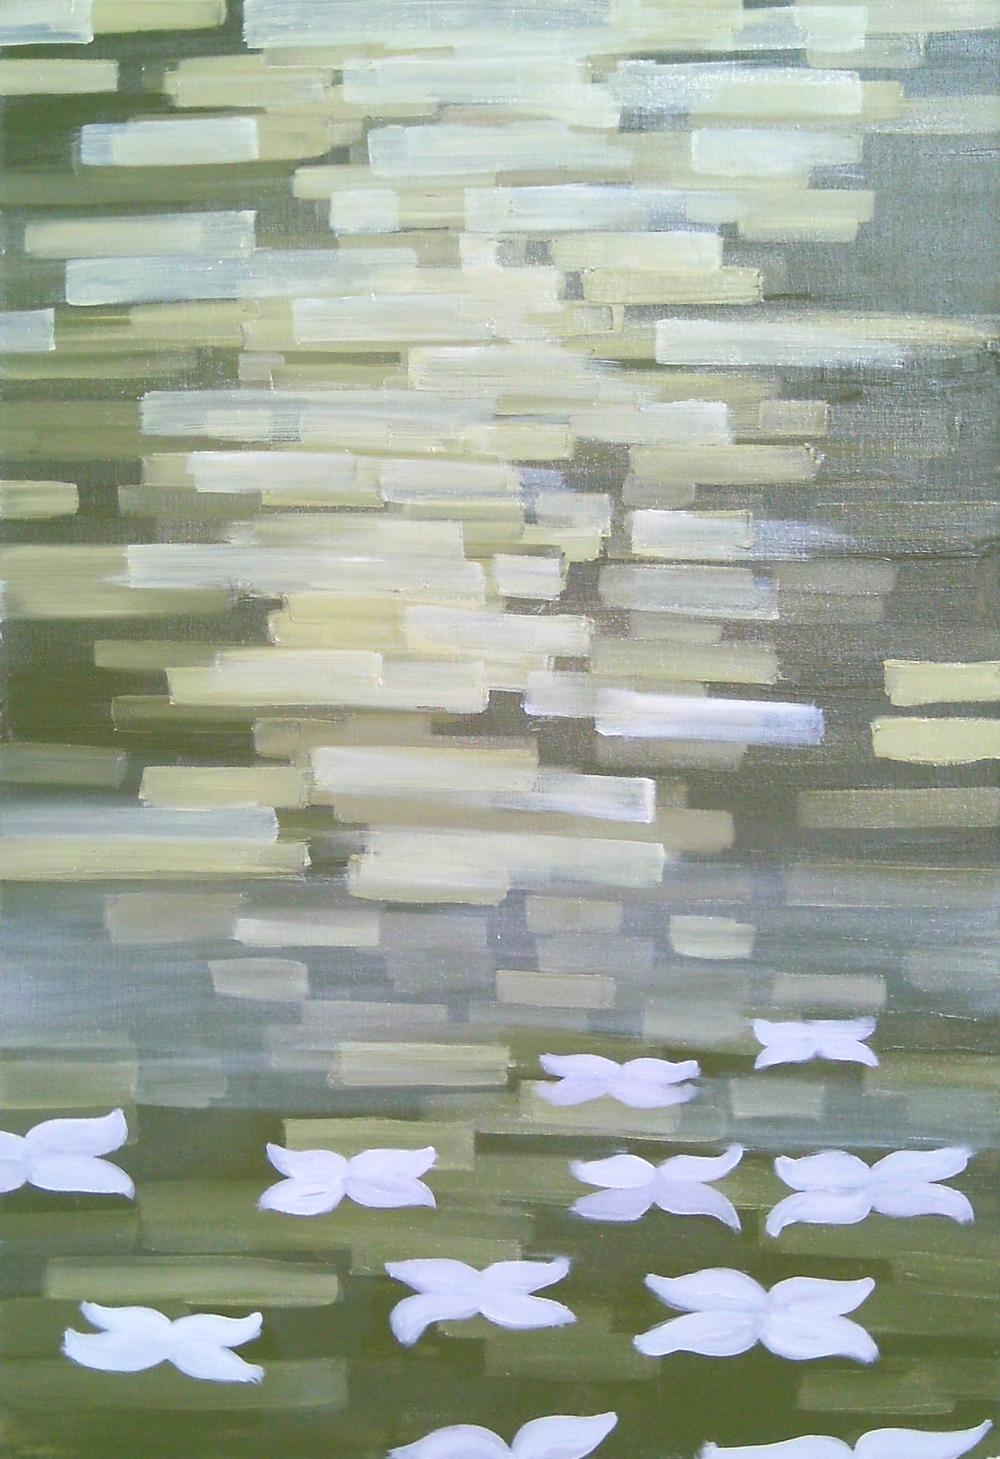 Mauve Flowers and Leaf-Light, Oil on canvas